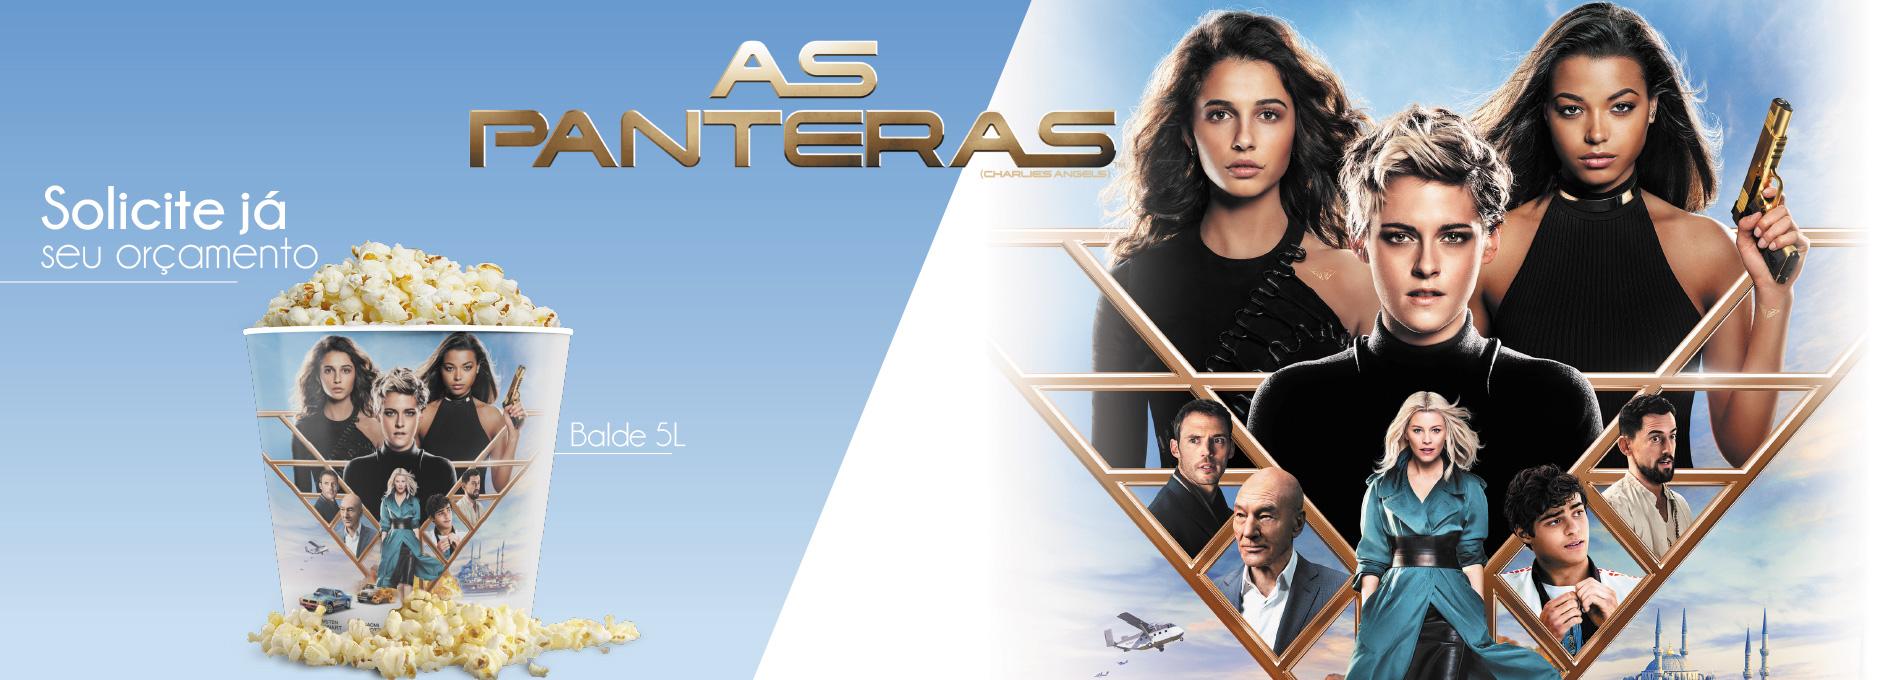 Panteras_Social_Media_5L_Papel-2